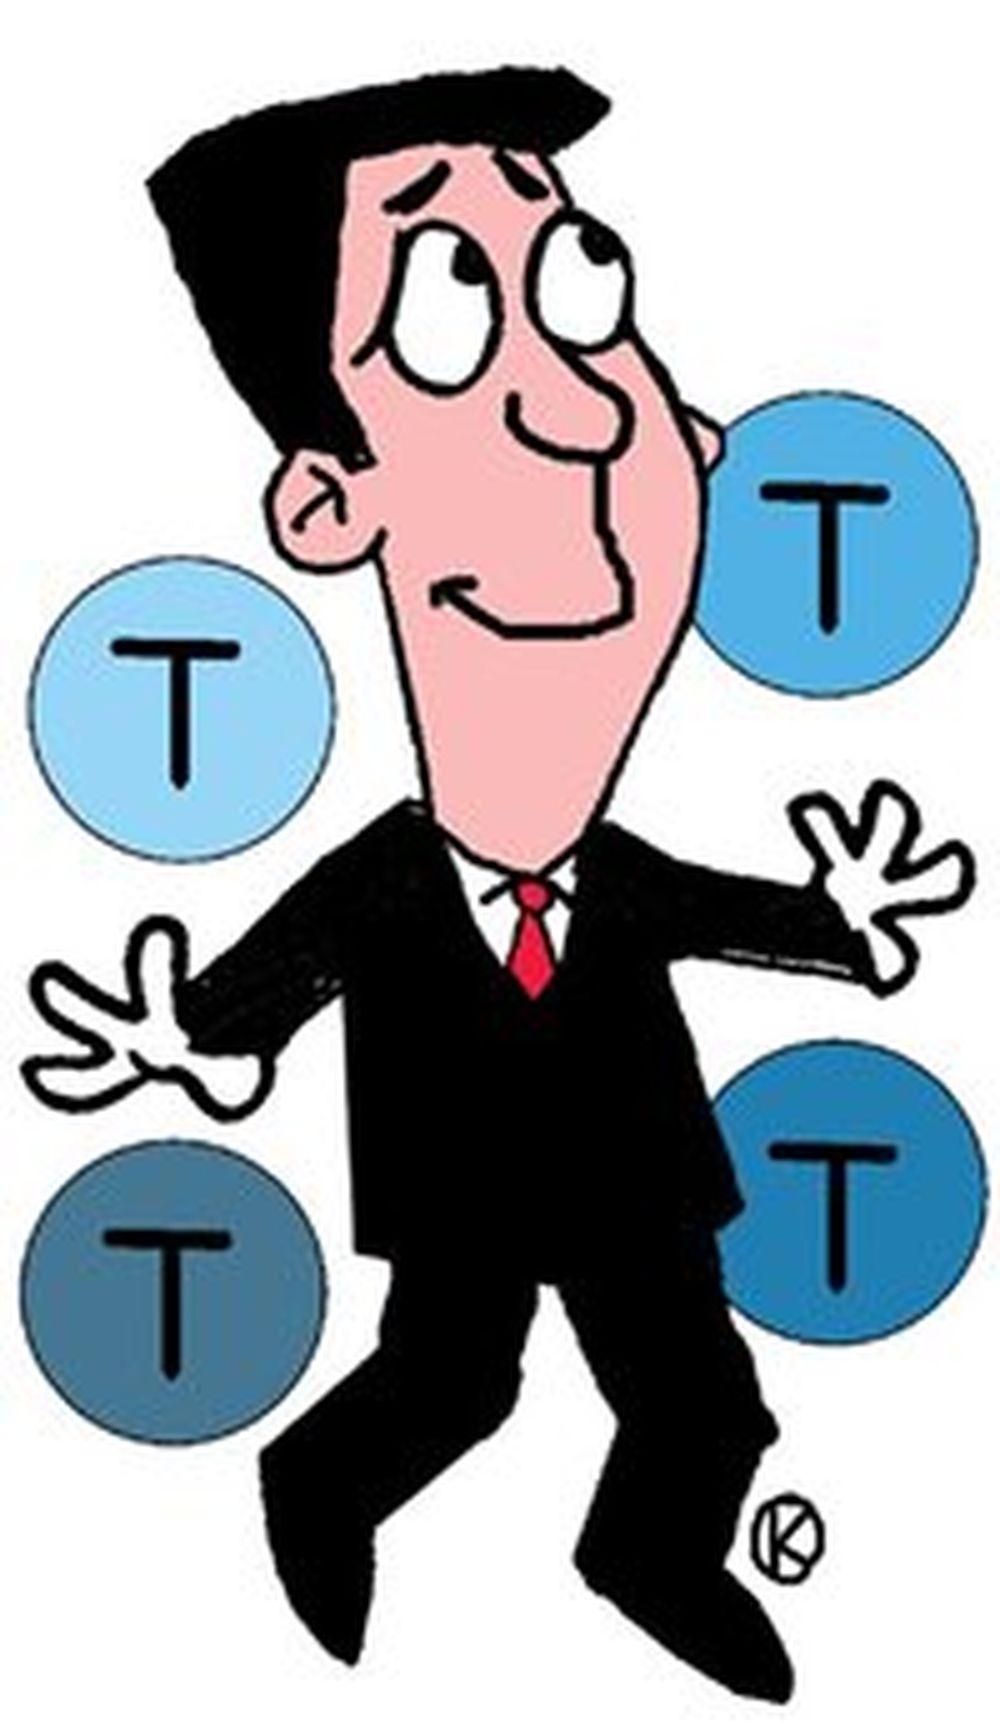 Có thể chăm sóc thân tâm bằng phương pháp dưỡng sinh theo y học cổ truyền,  cụ thể là liệu pháp 4T. Trong đó, T1 là tinh thần - tâm lý ...